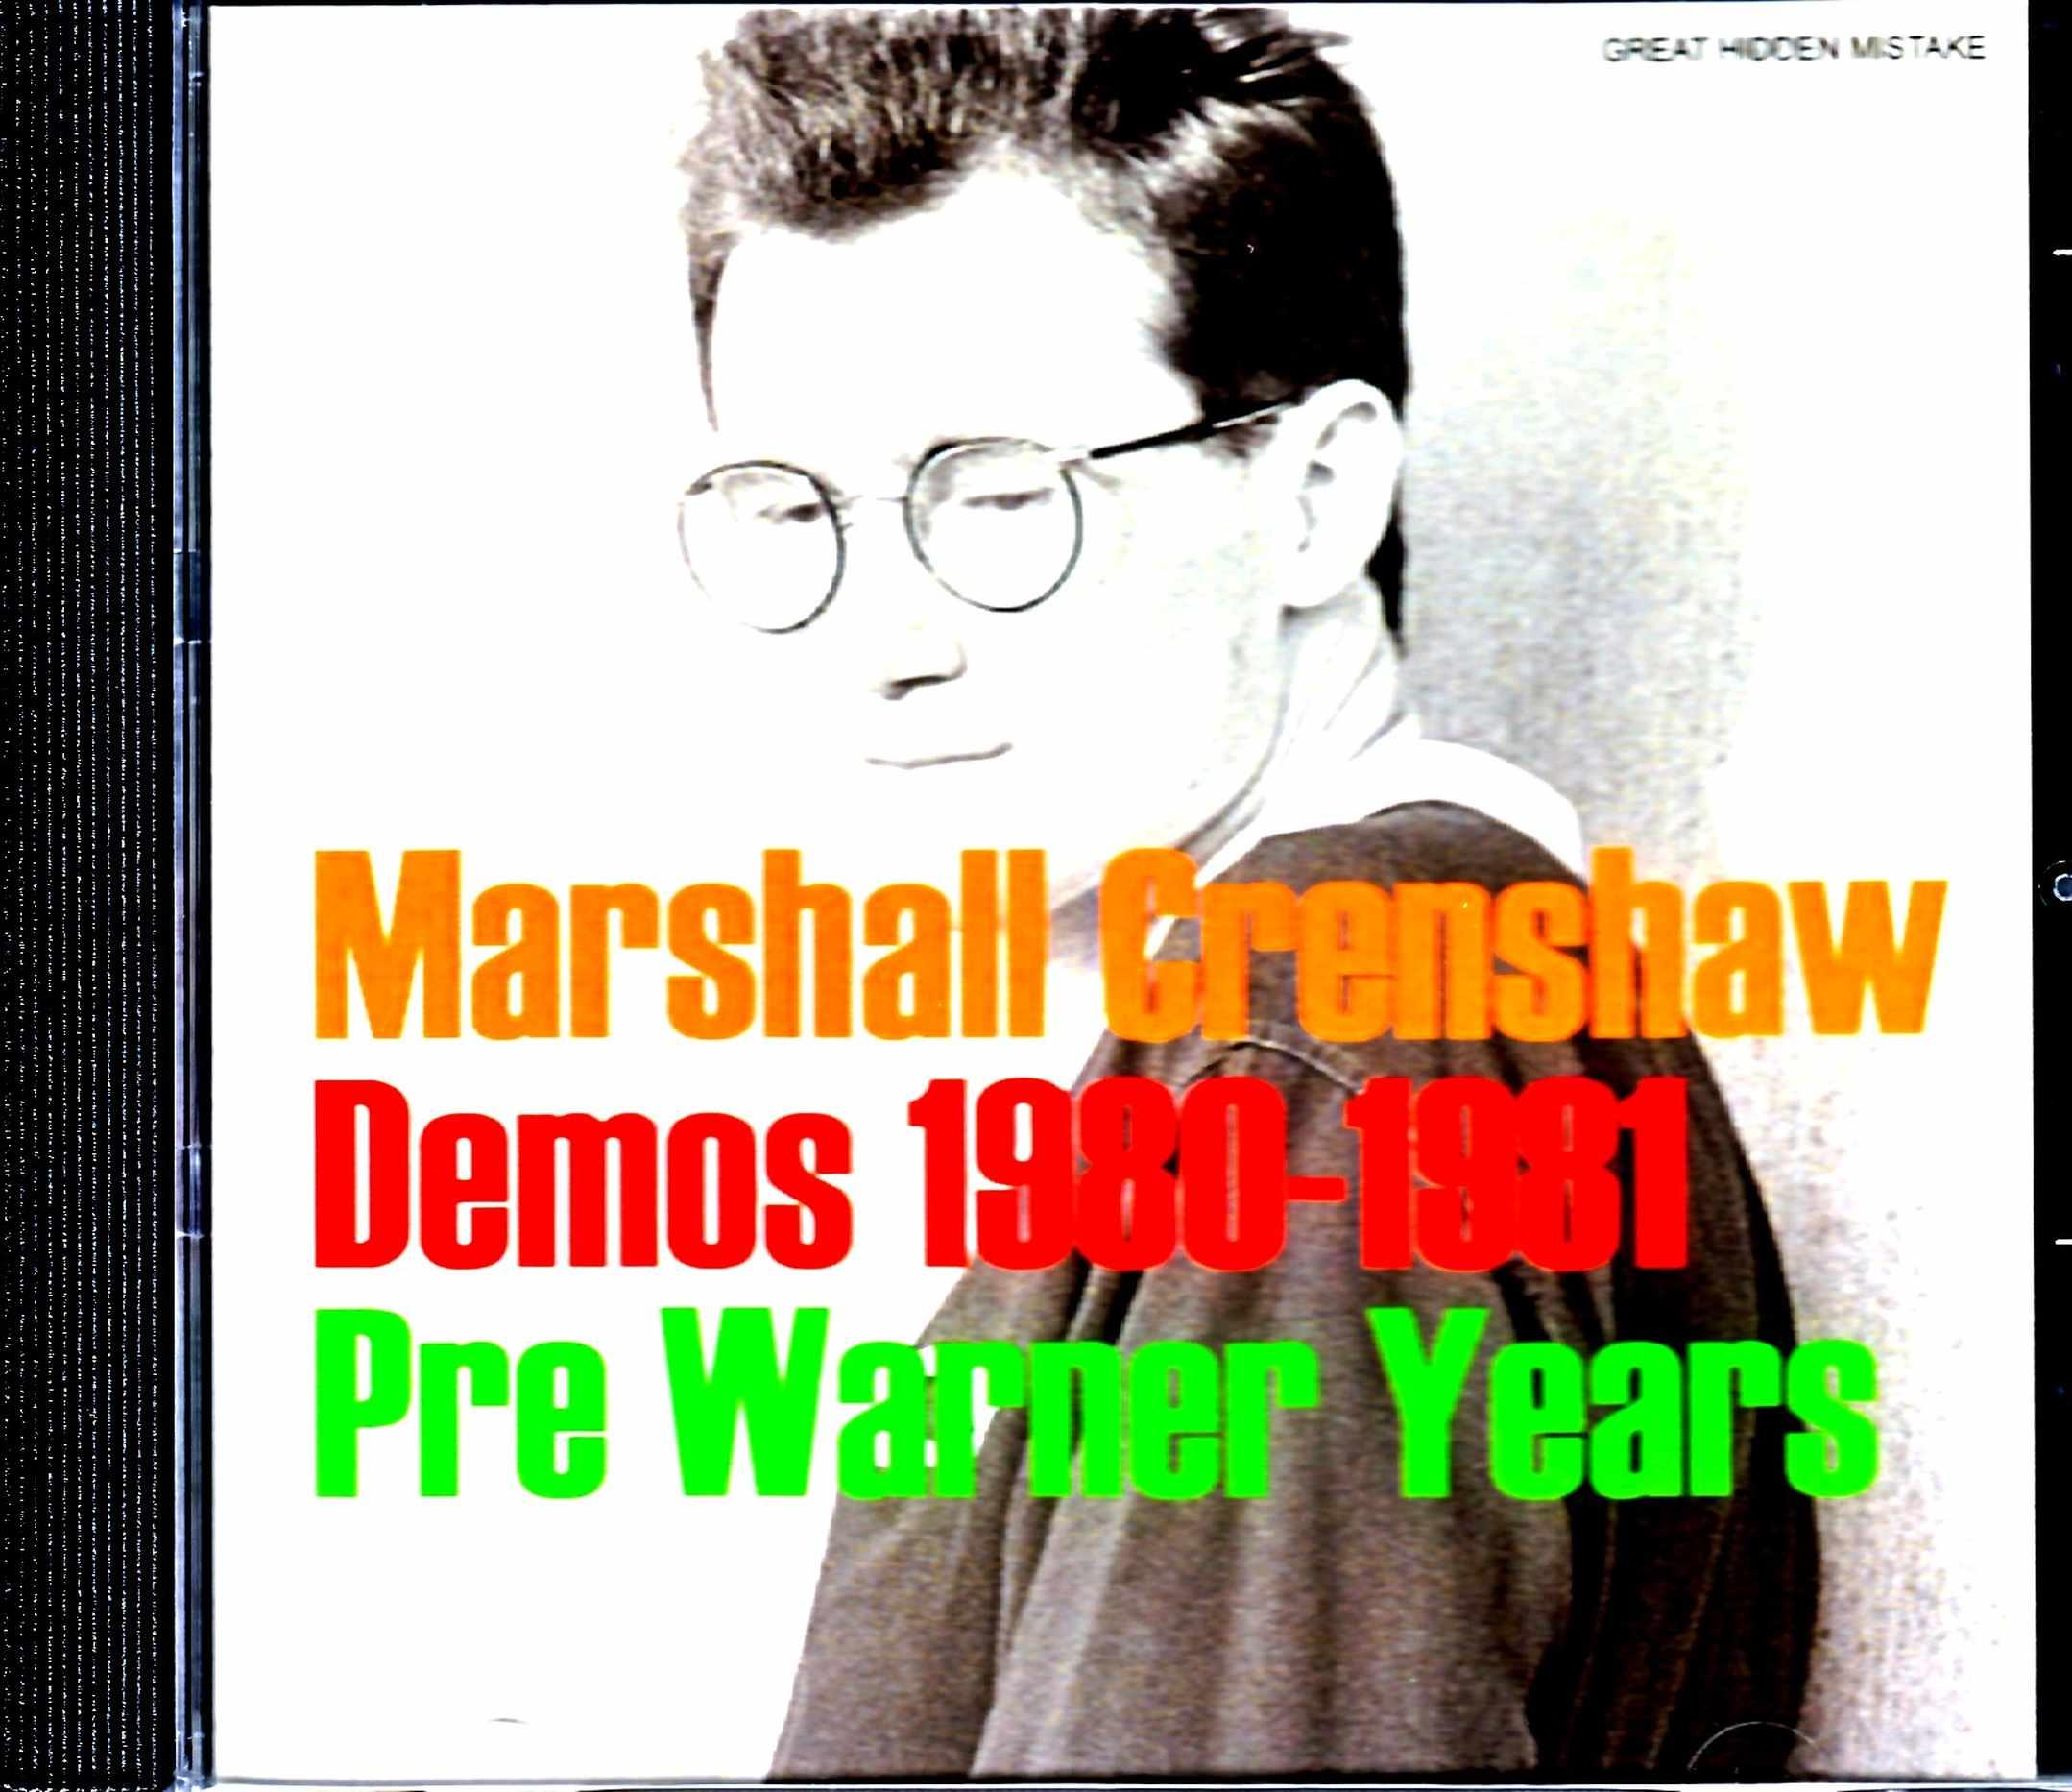 Marshall Crenshow マーシャル・クレンショウ/Pre Warner Years Demos 1980-1981